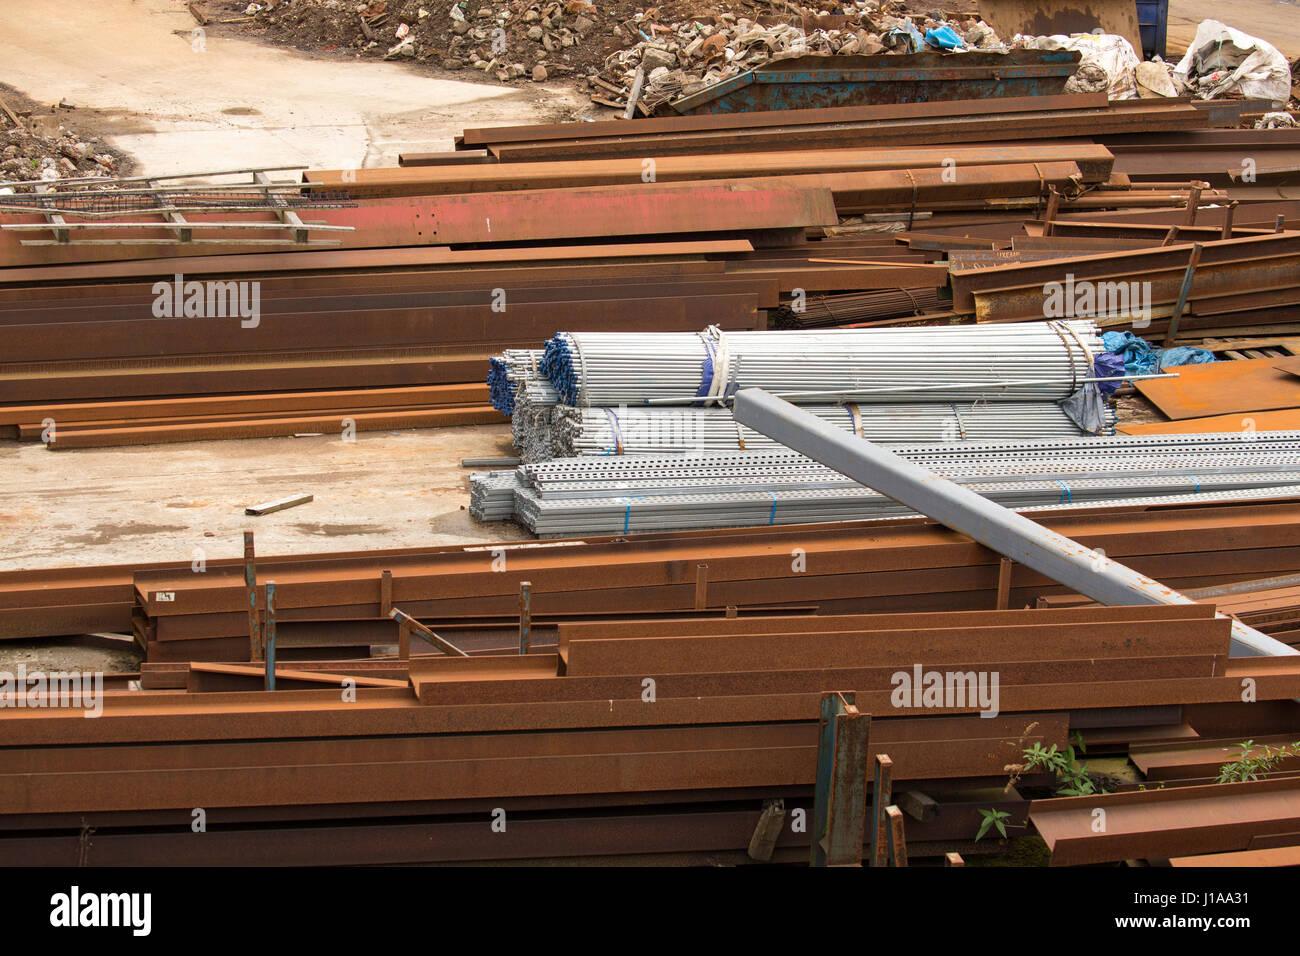 Scrap Metal Yard - Stock Image